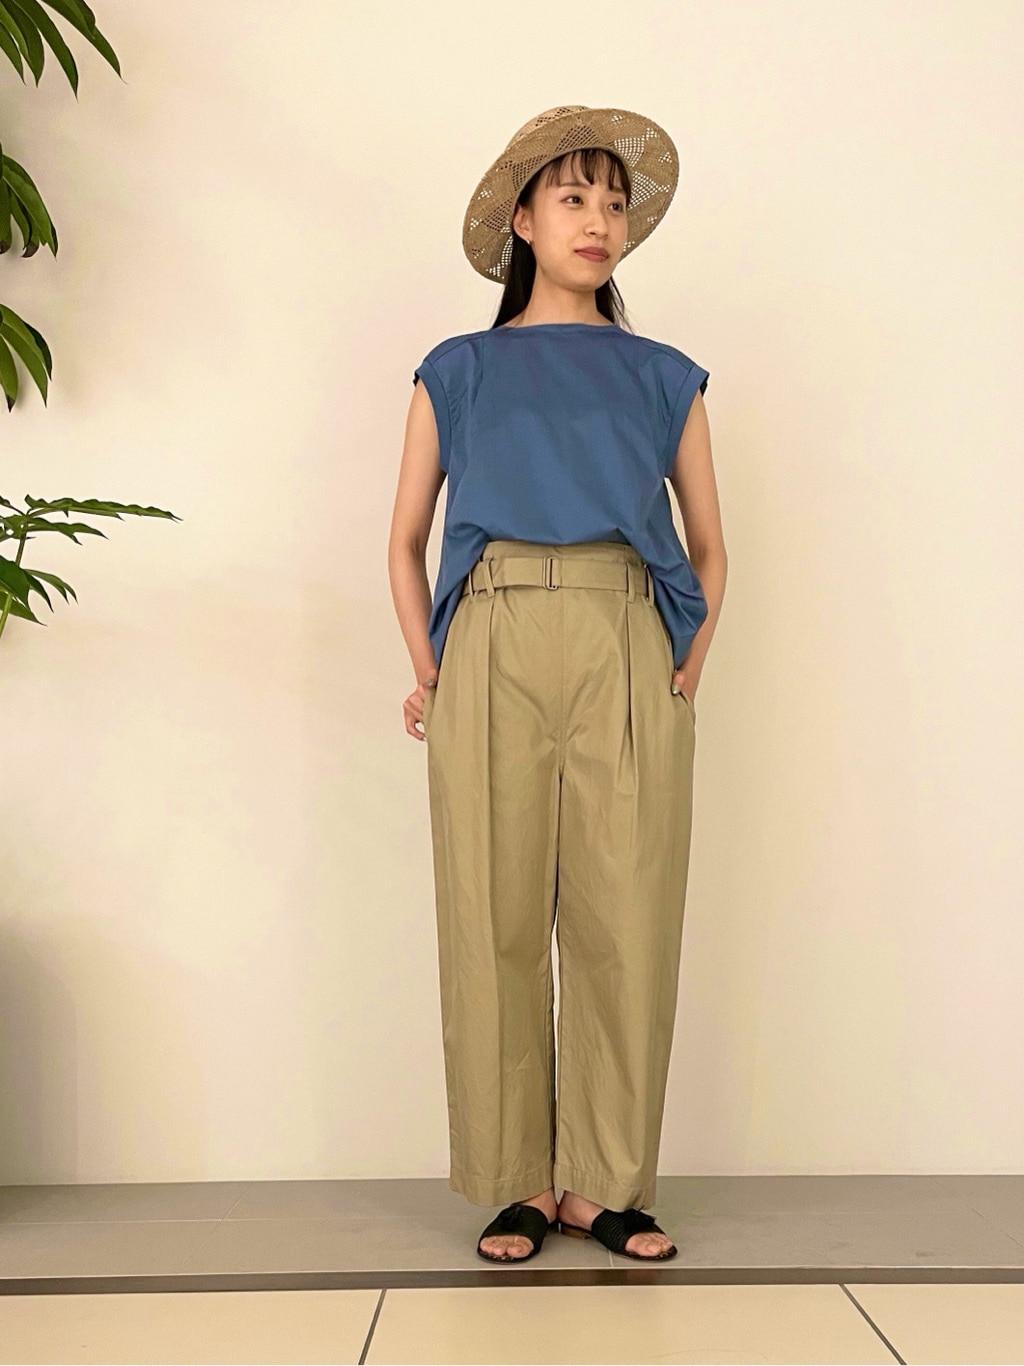 yuni 二子玉川ライズ 身長:164cm 2021.04.30